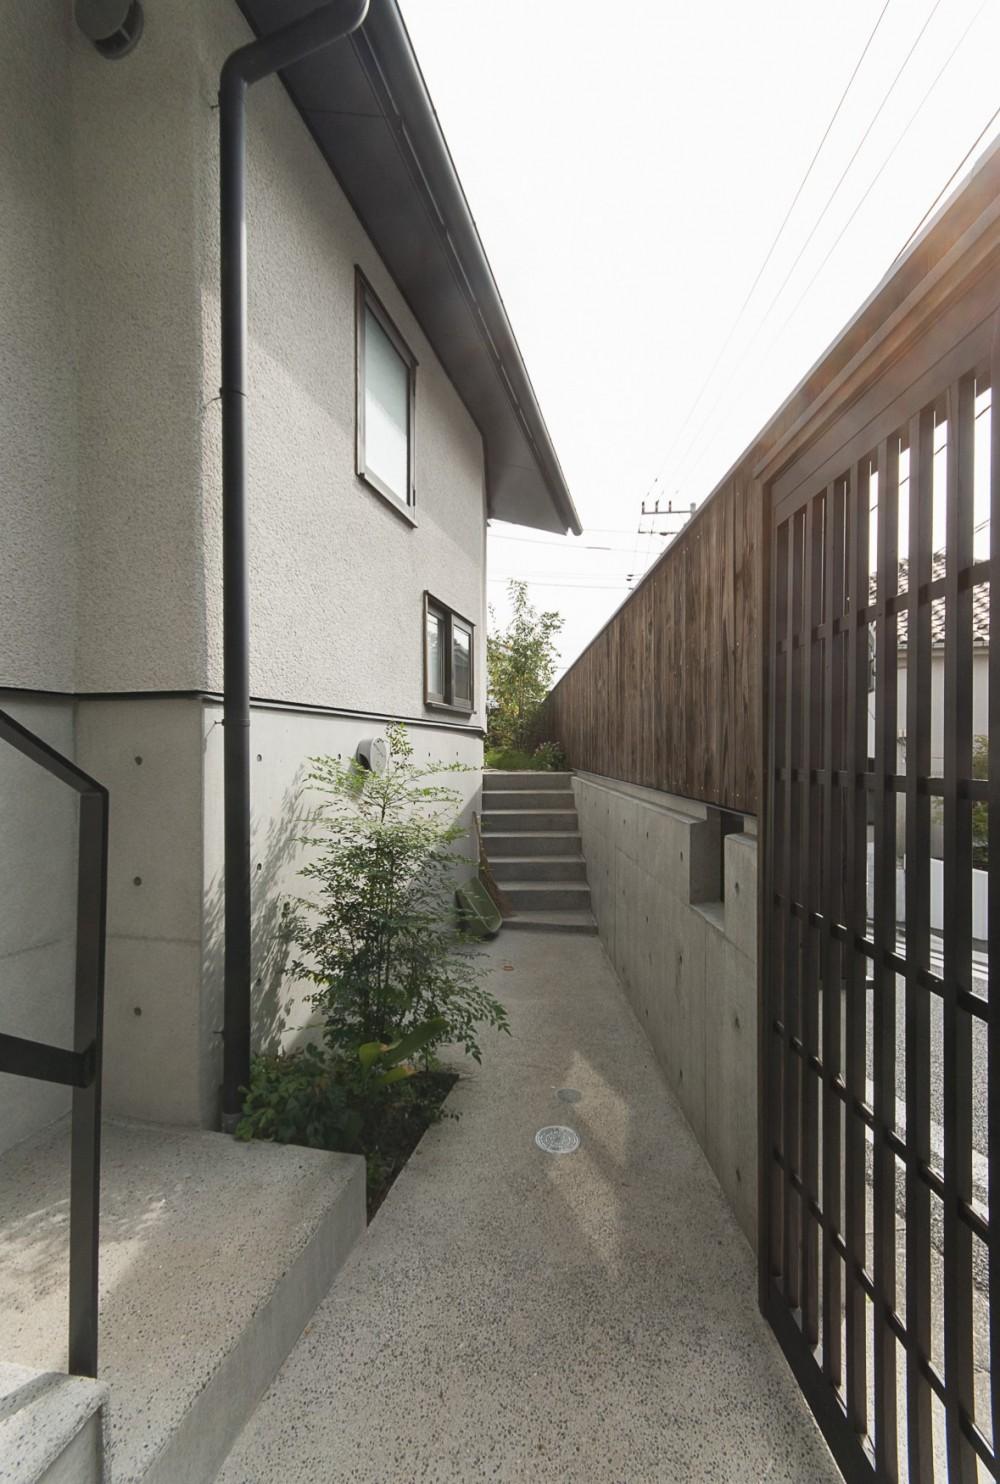 アレルギー反応を持つ子供が住むための和モダン住宅/美しい空気の家 (玄関アプローチ)